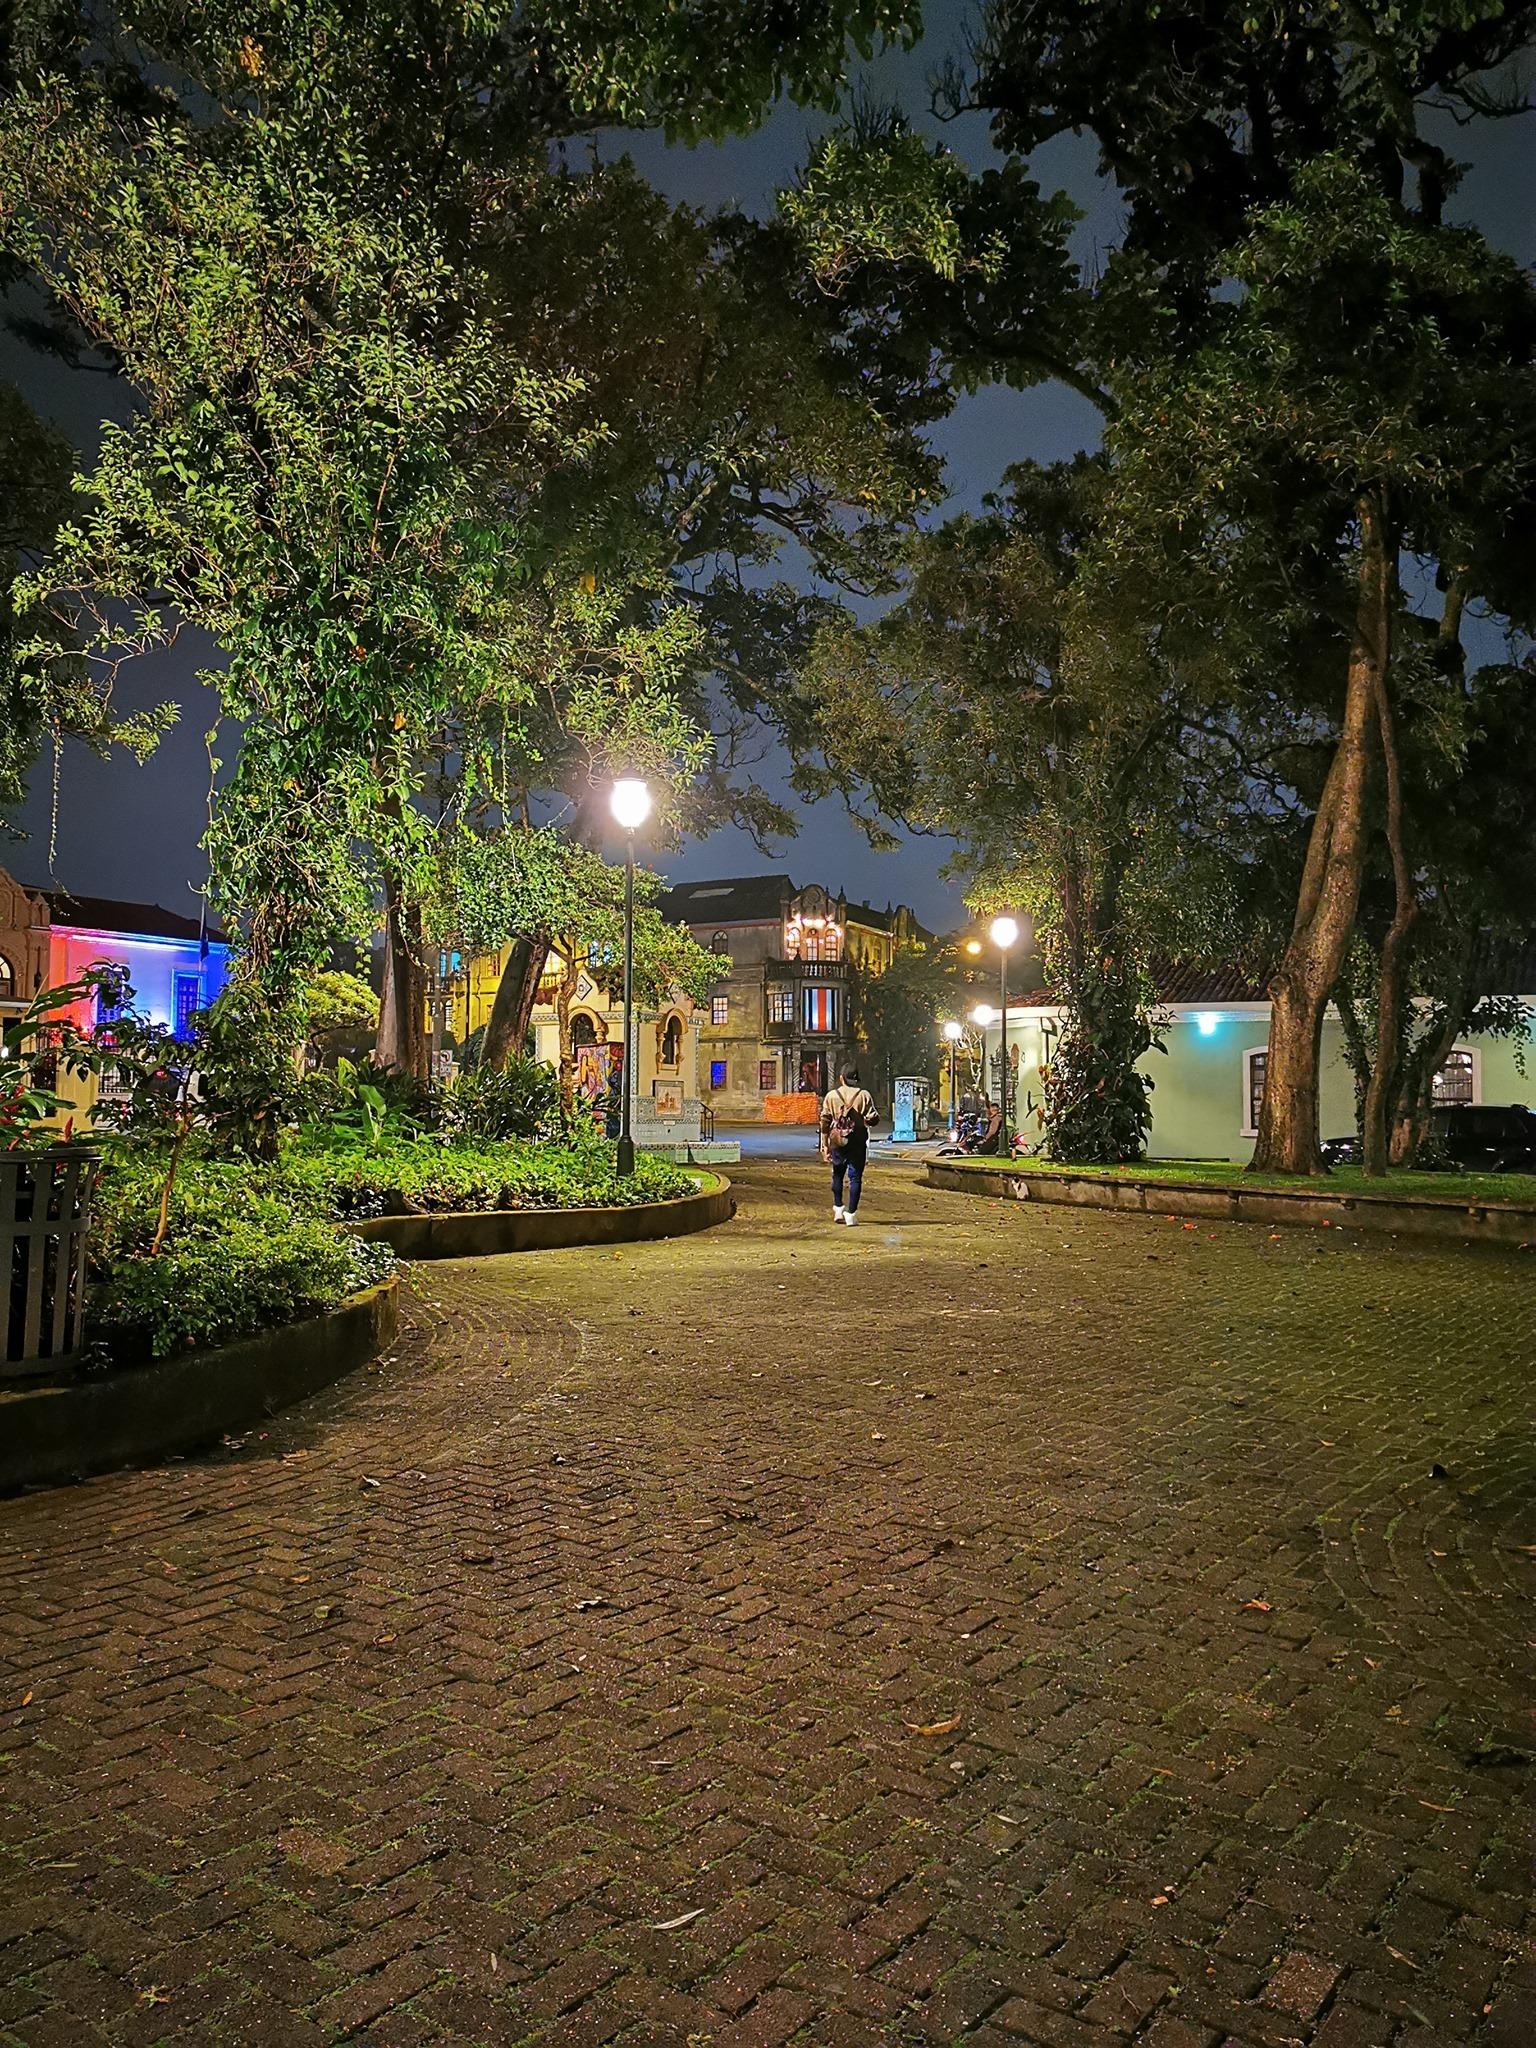 Caminando por el Corazón: Ruta de Parques (Recorrido a pie)